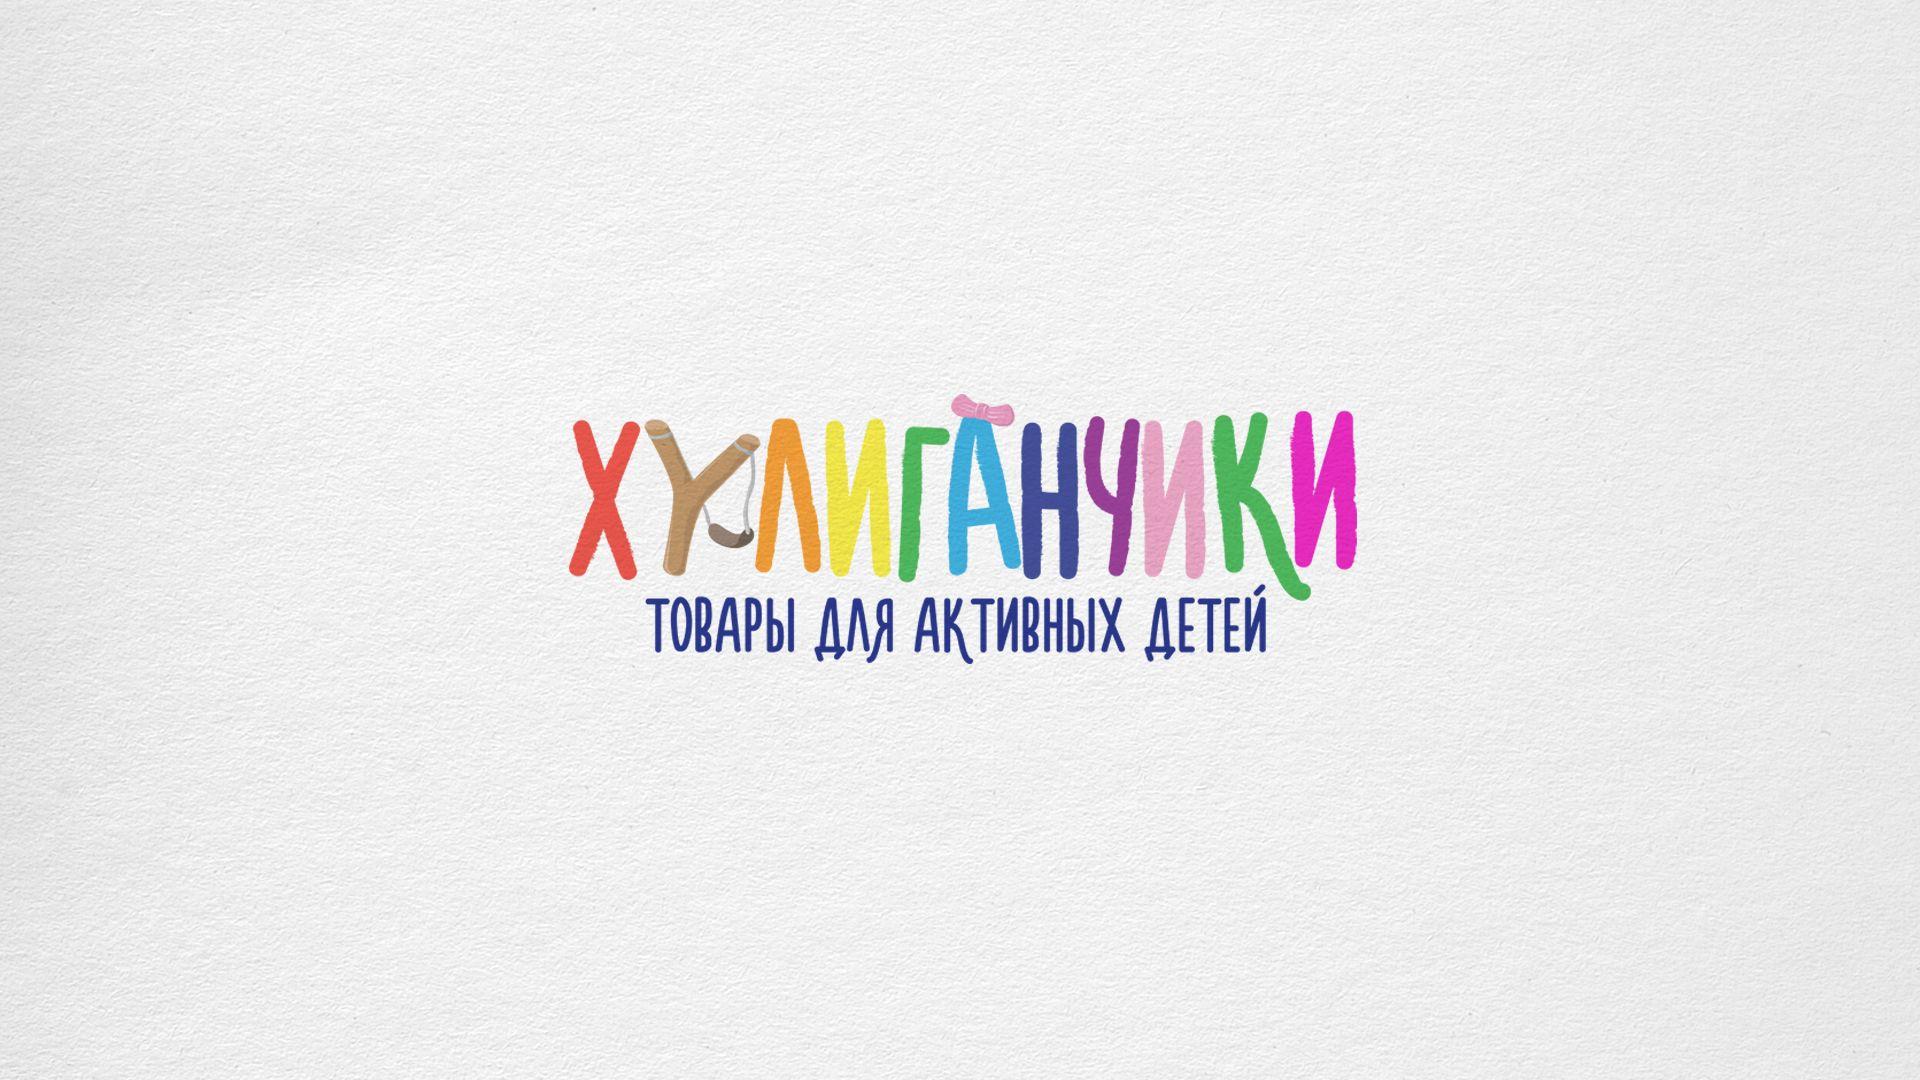 Логотип и фирменный стиль для интернет-магазина - дизайнер drawmedead